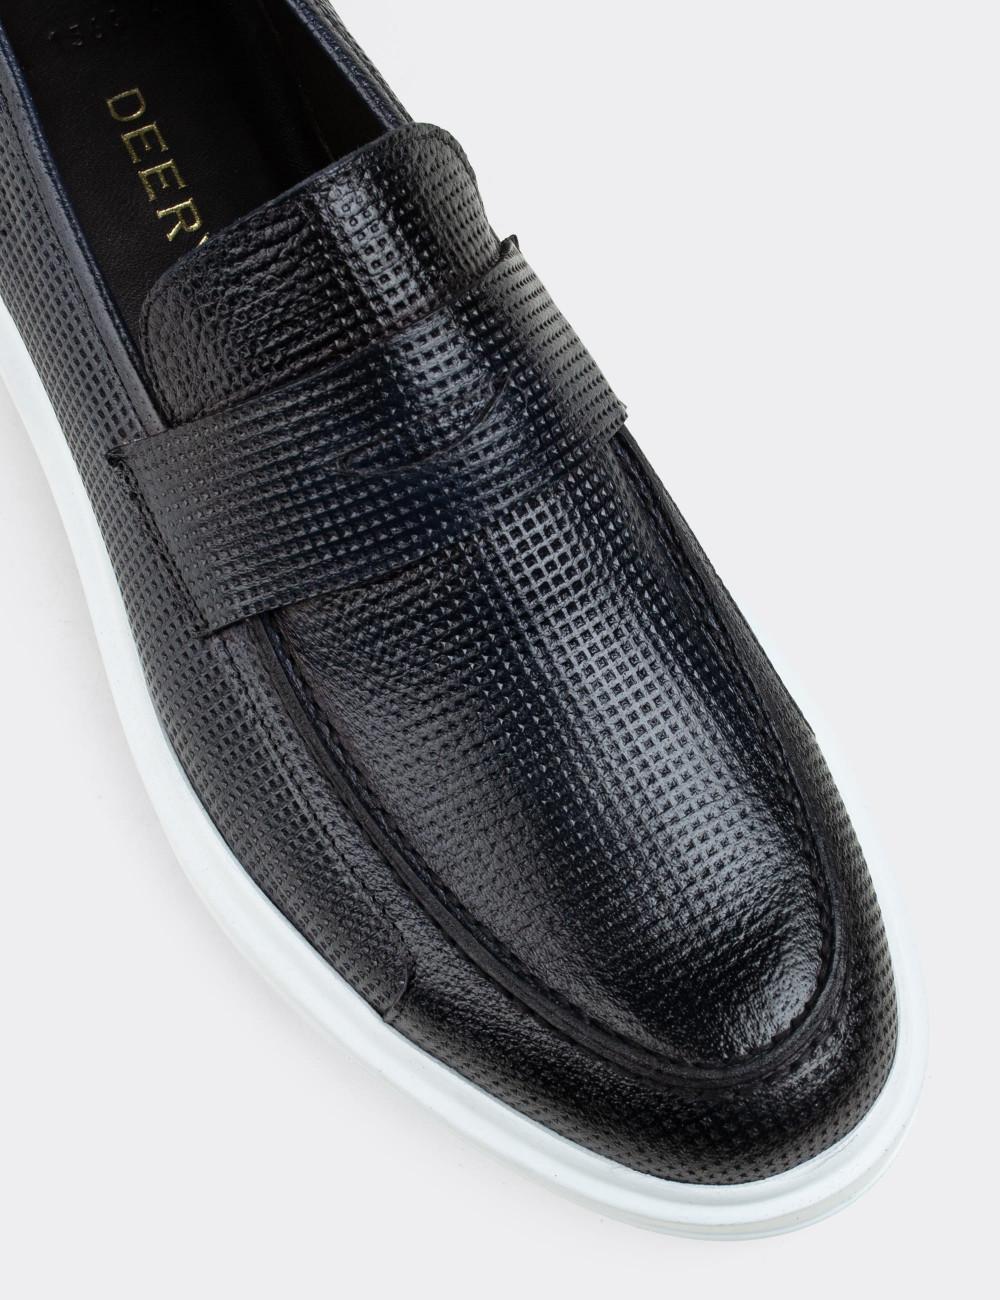 Hakiki Deri Lacivert Desenli Erkek Loafer - 01564MLCVP10